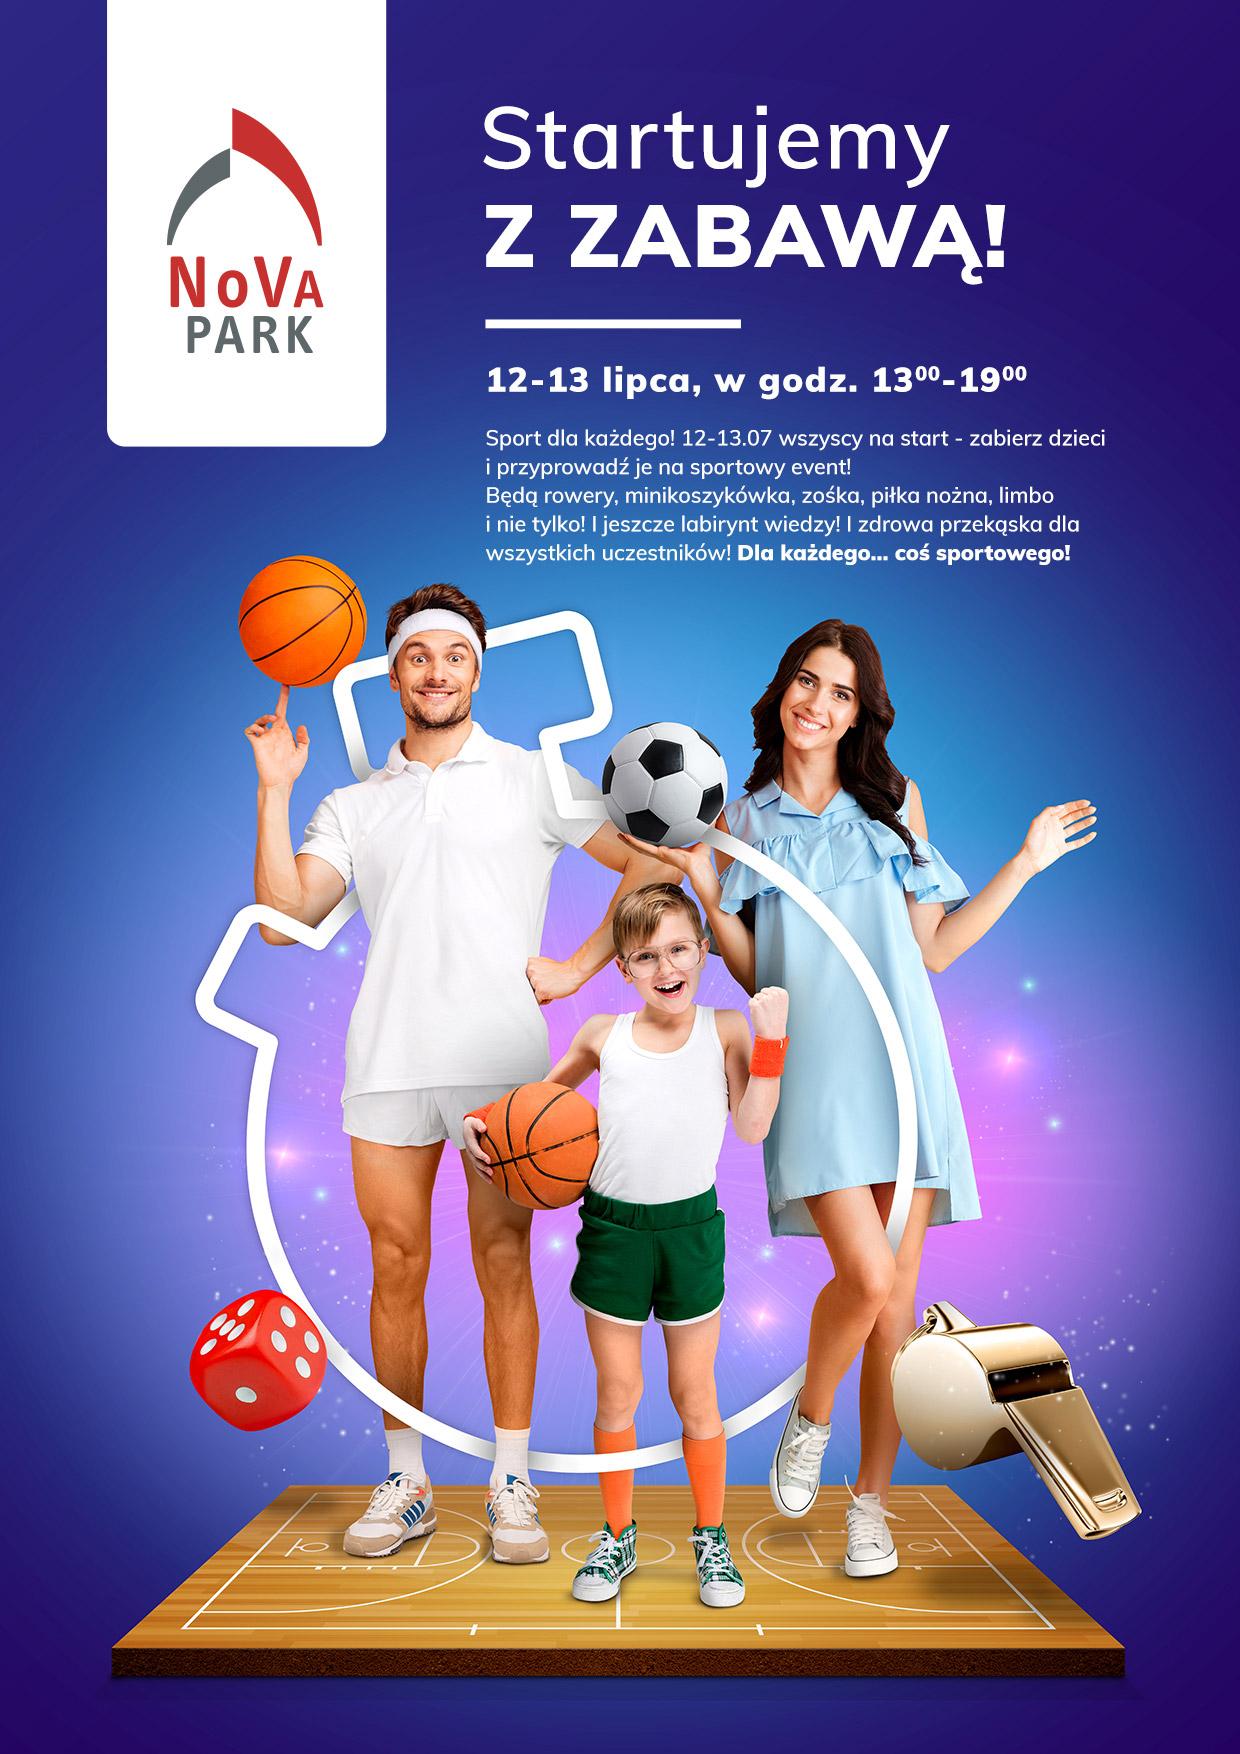 Sportowa zabawa w NoVa Park